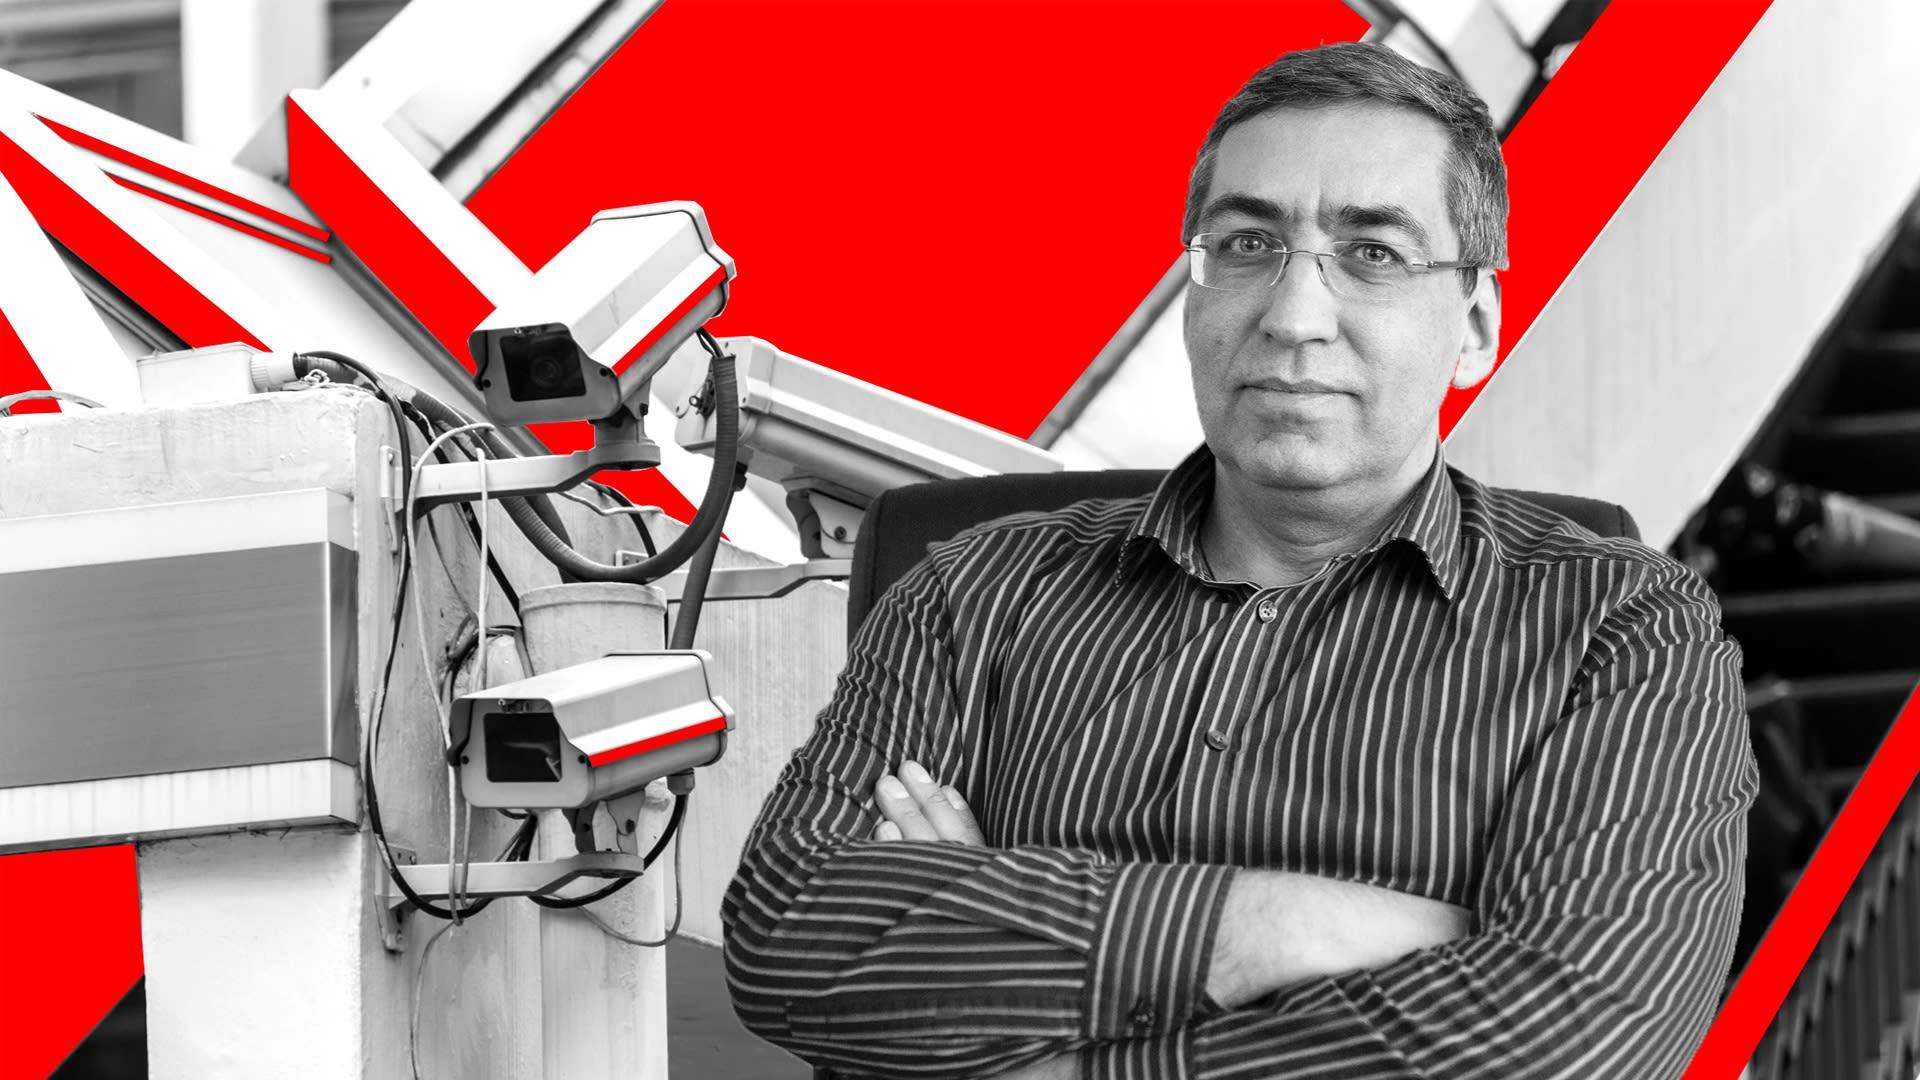 видео, в котором Игорь Ашманов рассказывает омеханике распространения вирусов